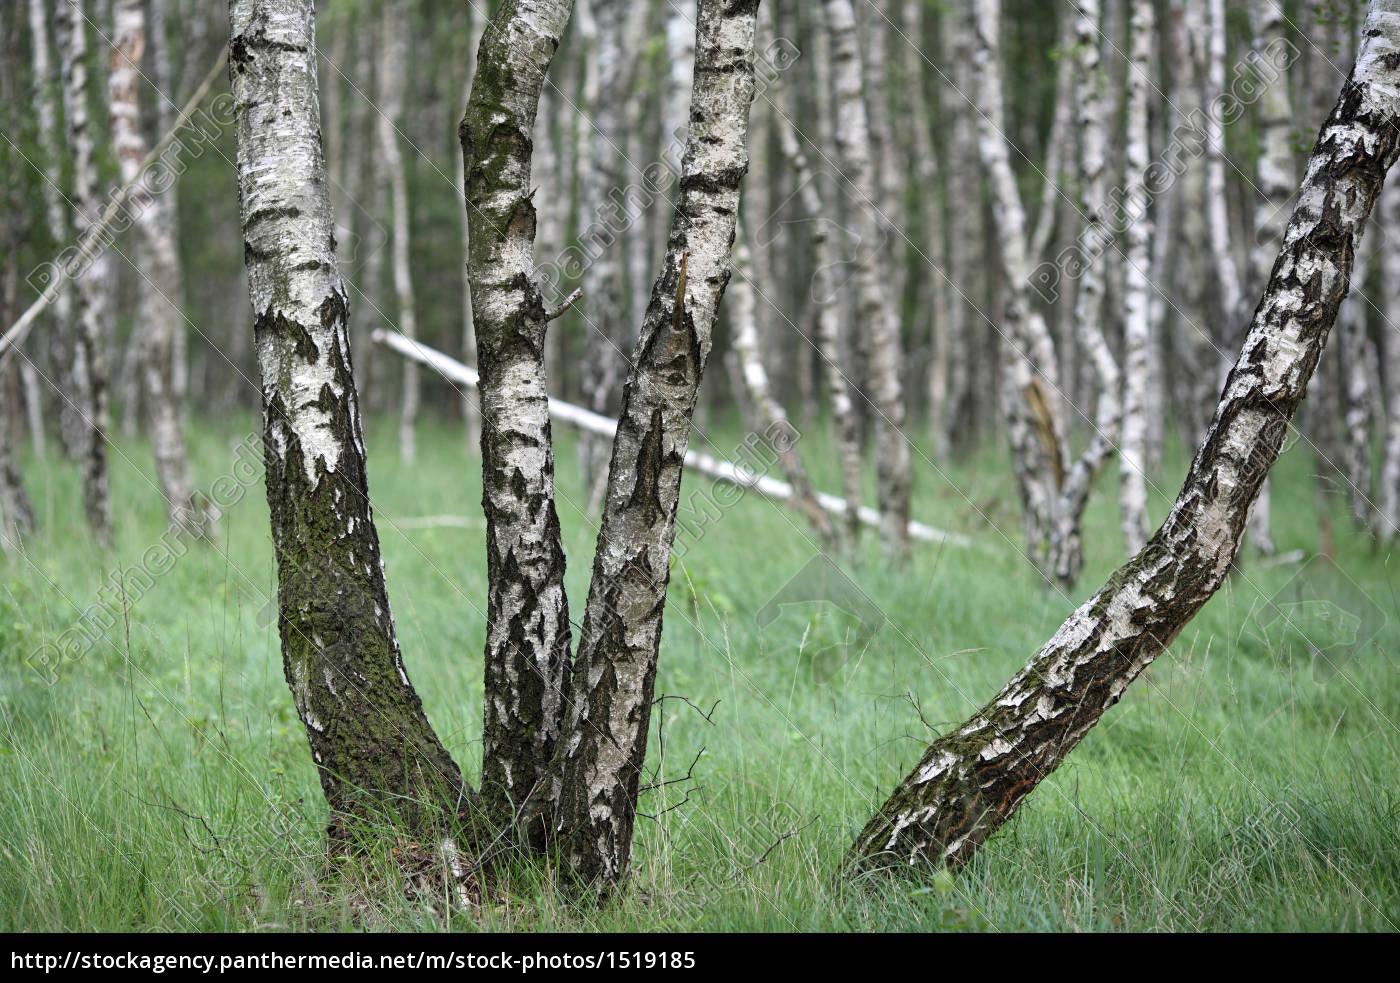 birches - 1519185